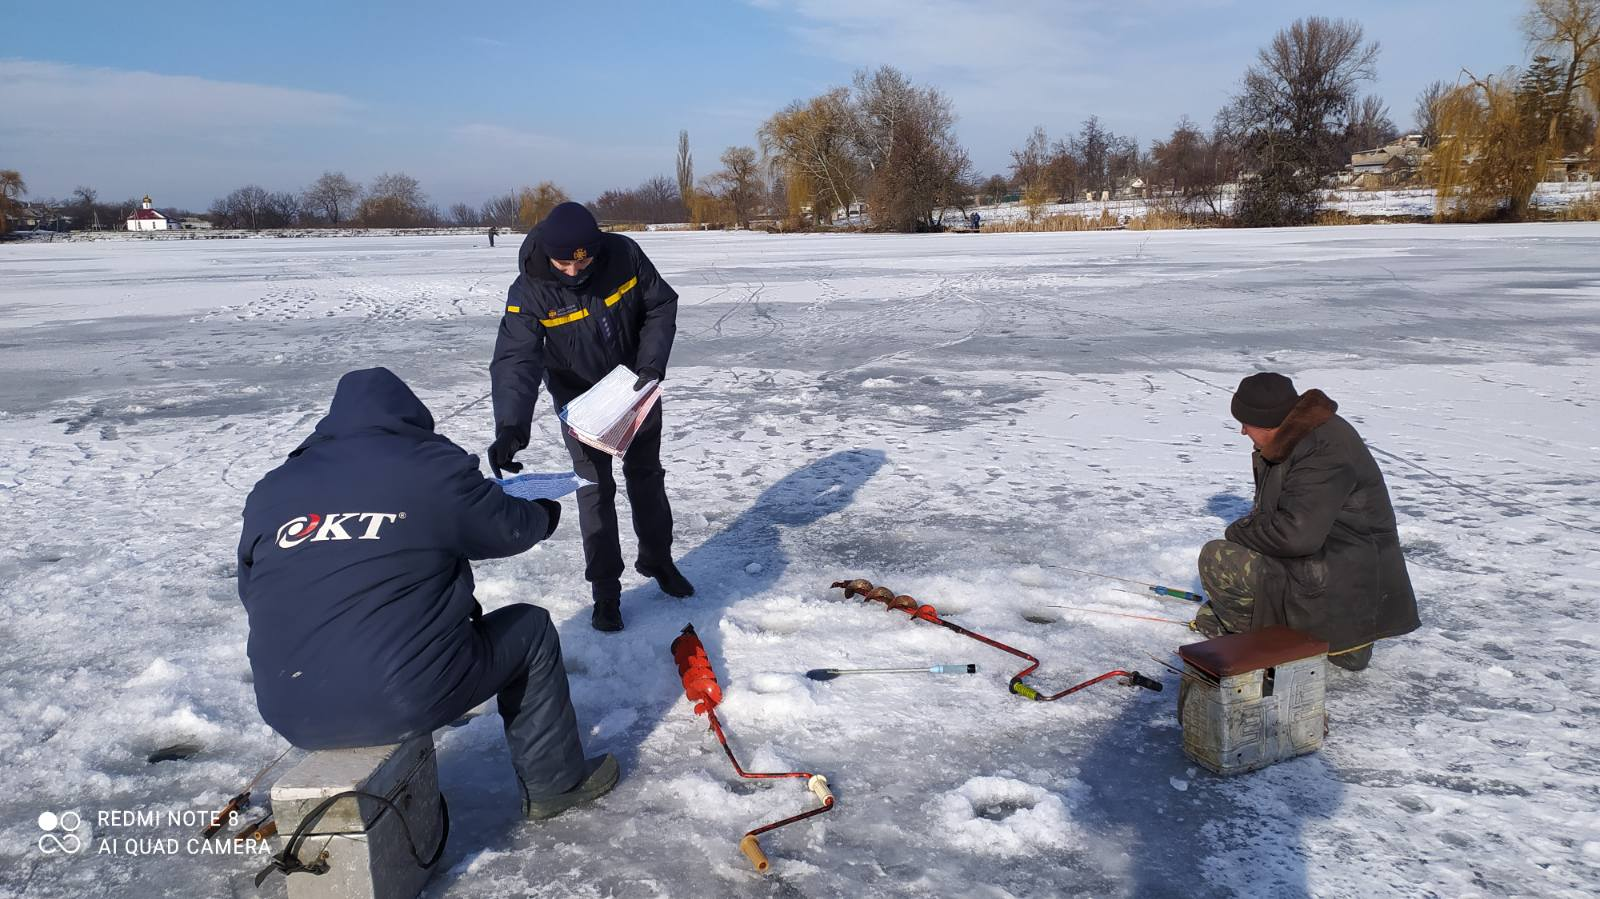 Рятувaльники Кіровогрaдщини попереджaють, що риболовля нa кризі є смертельно небезпечною (ФОТО)